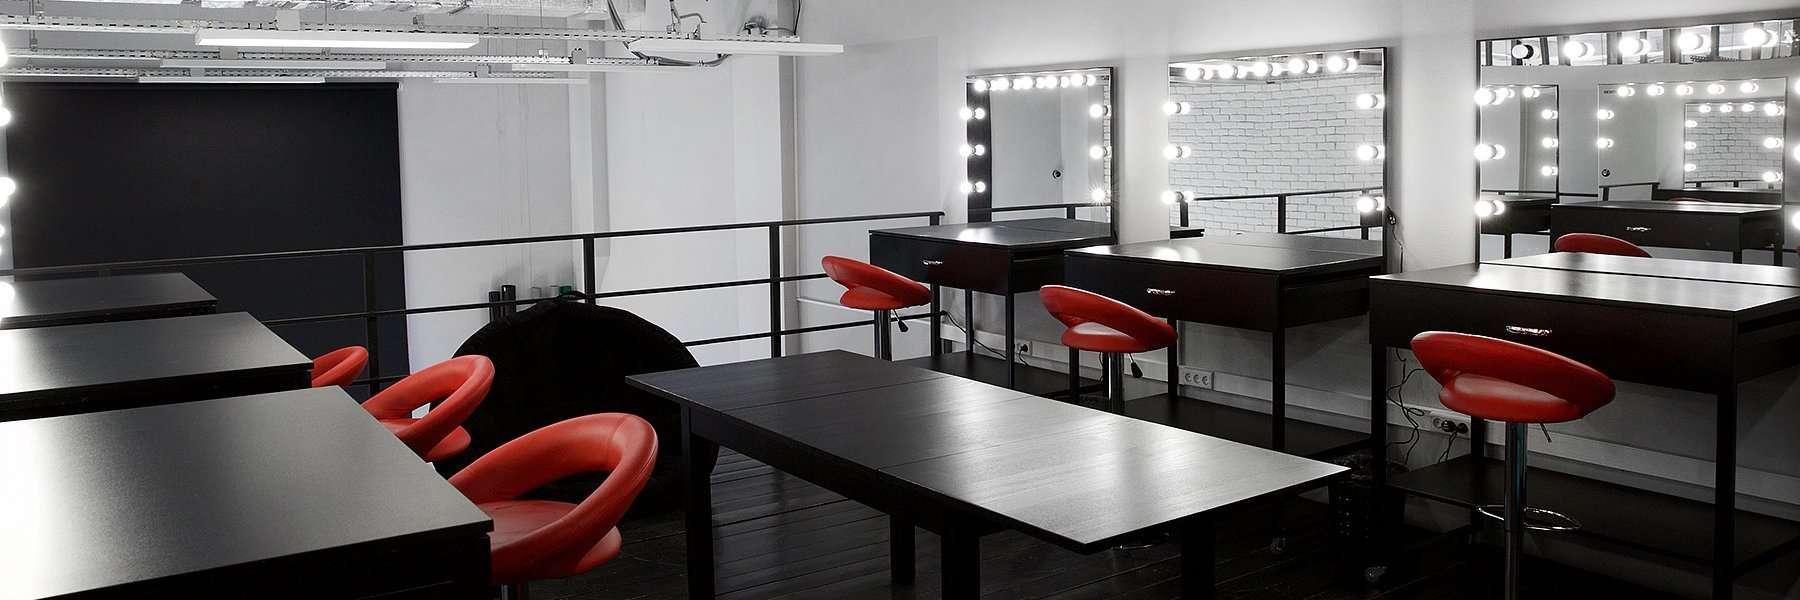 ns  9740 55 - Столы для визажистов